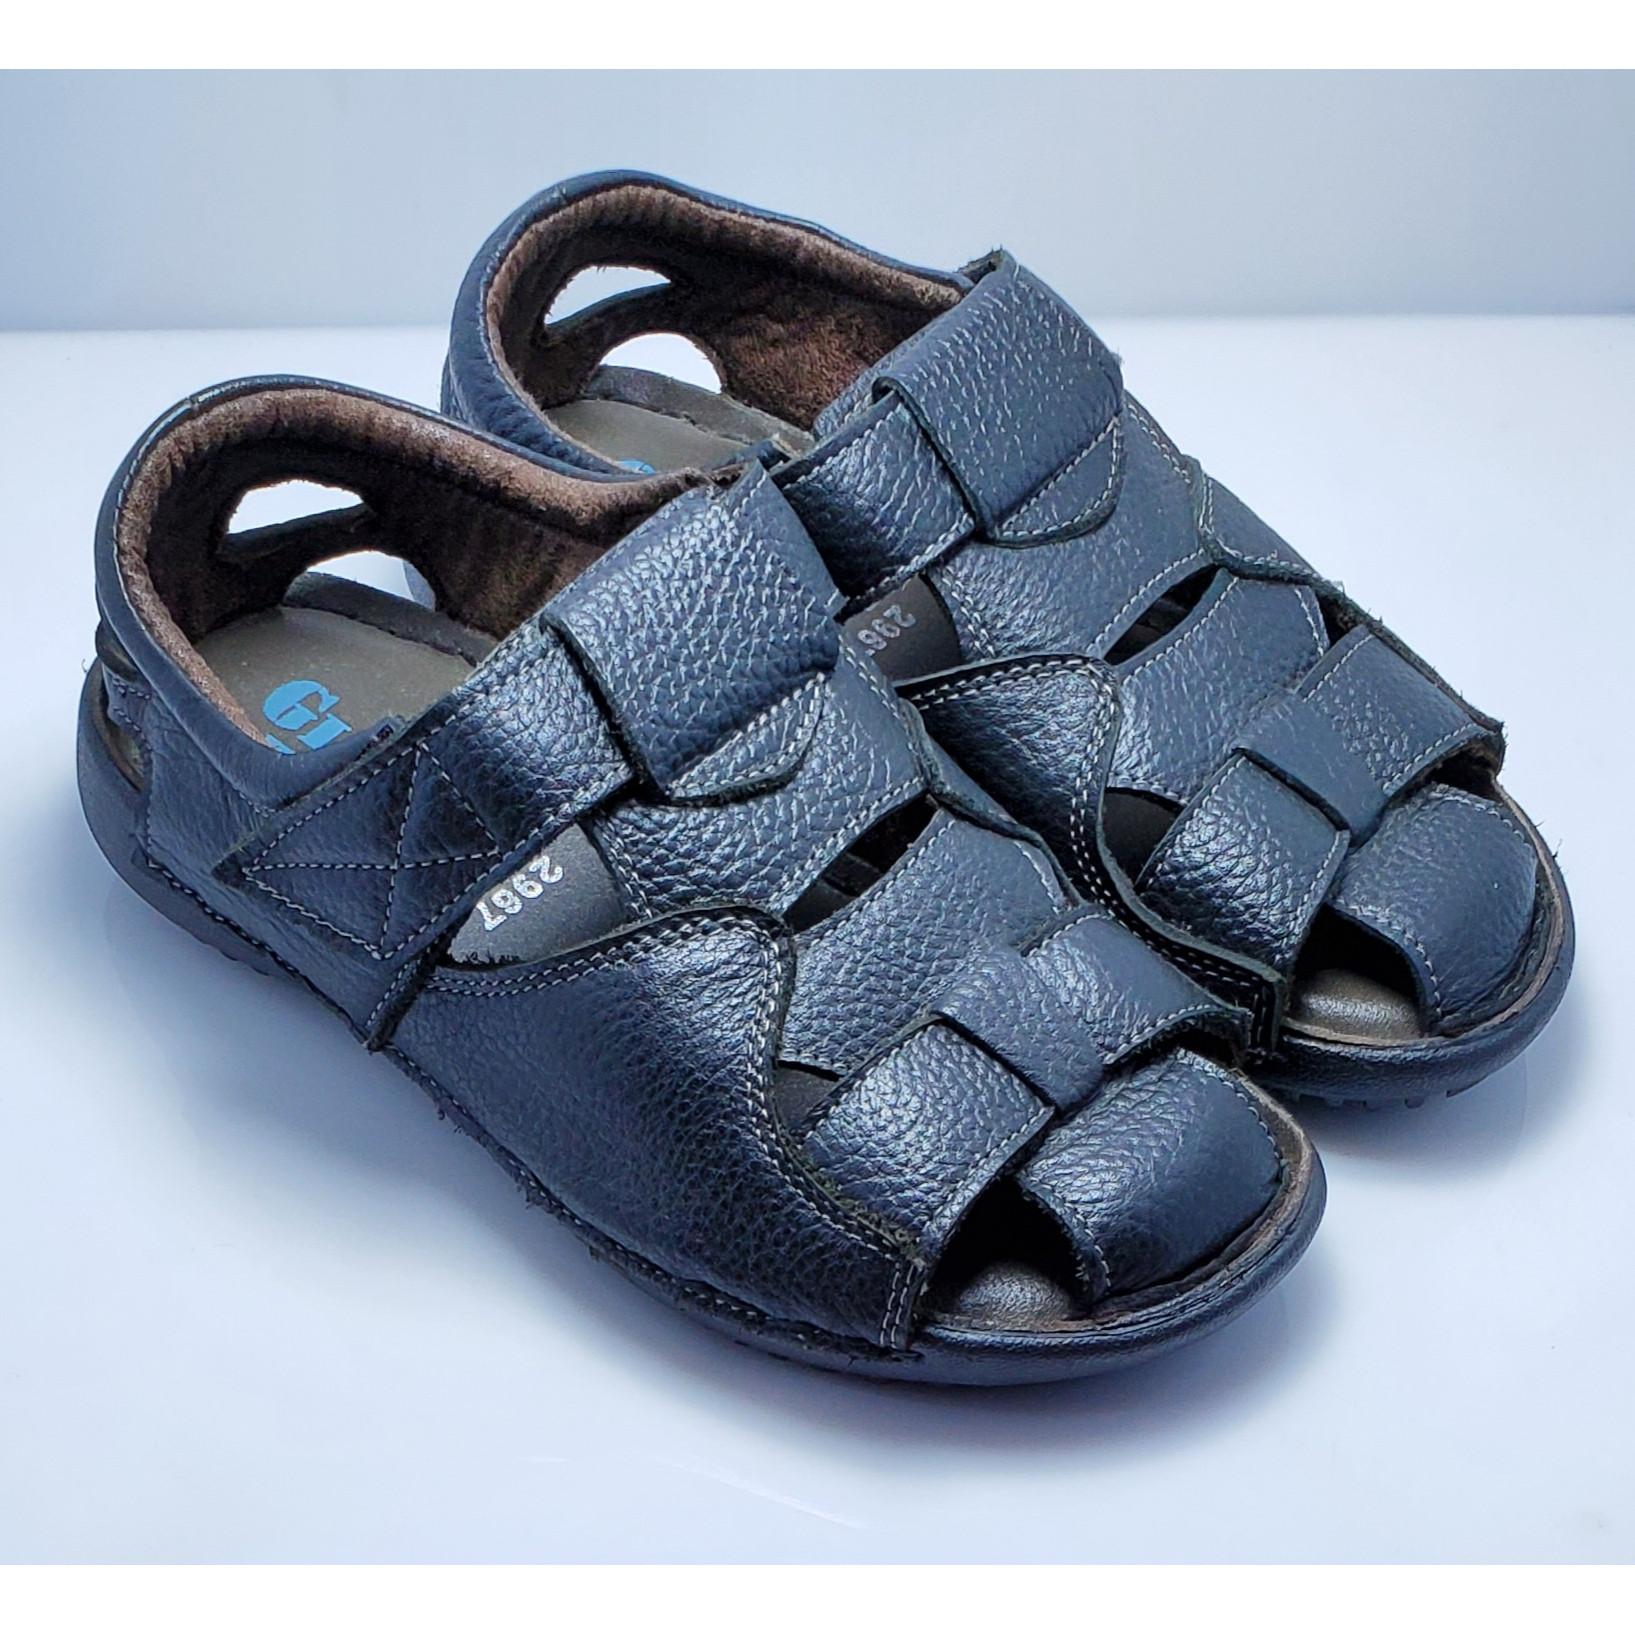 Giày sandanl rọ da nam 2967 Gia Vi